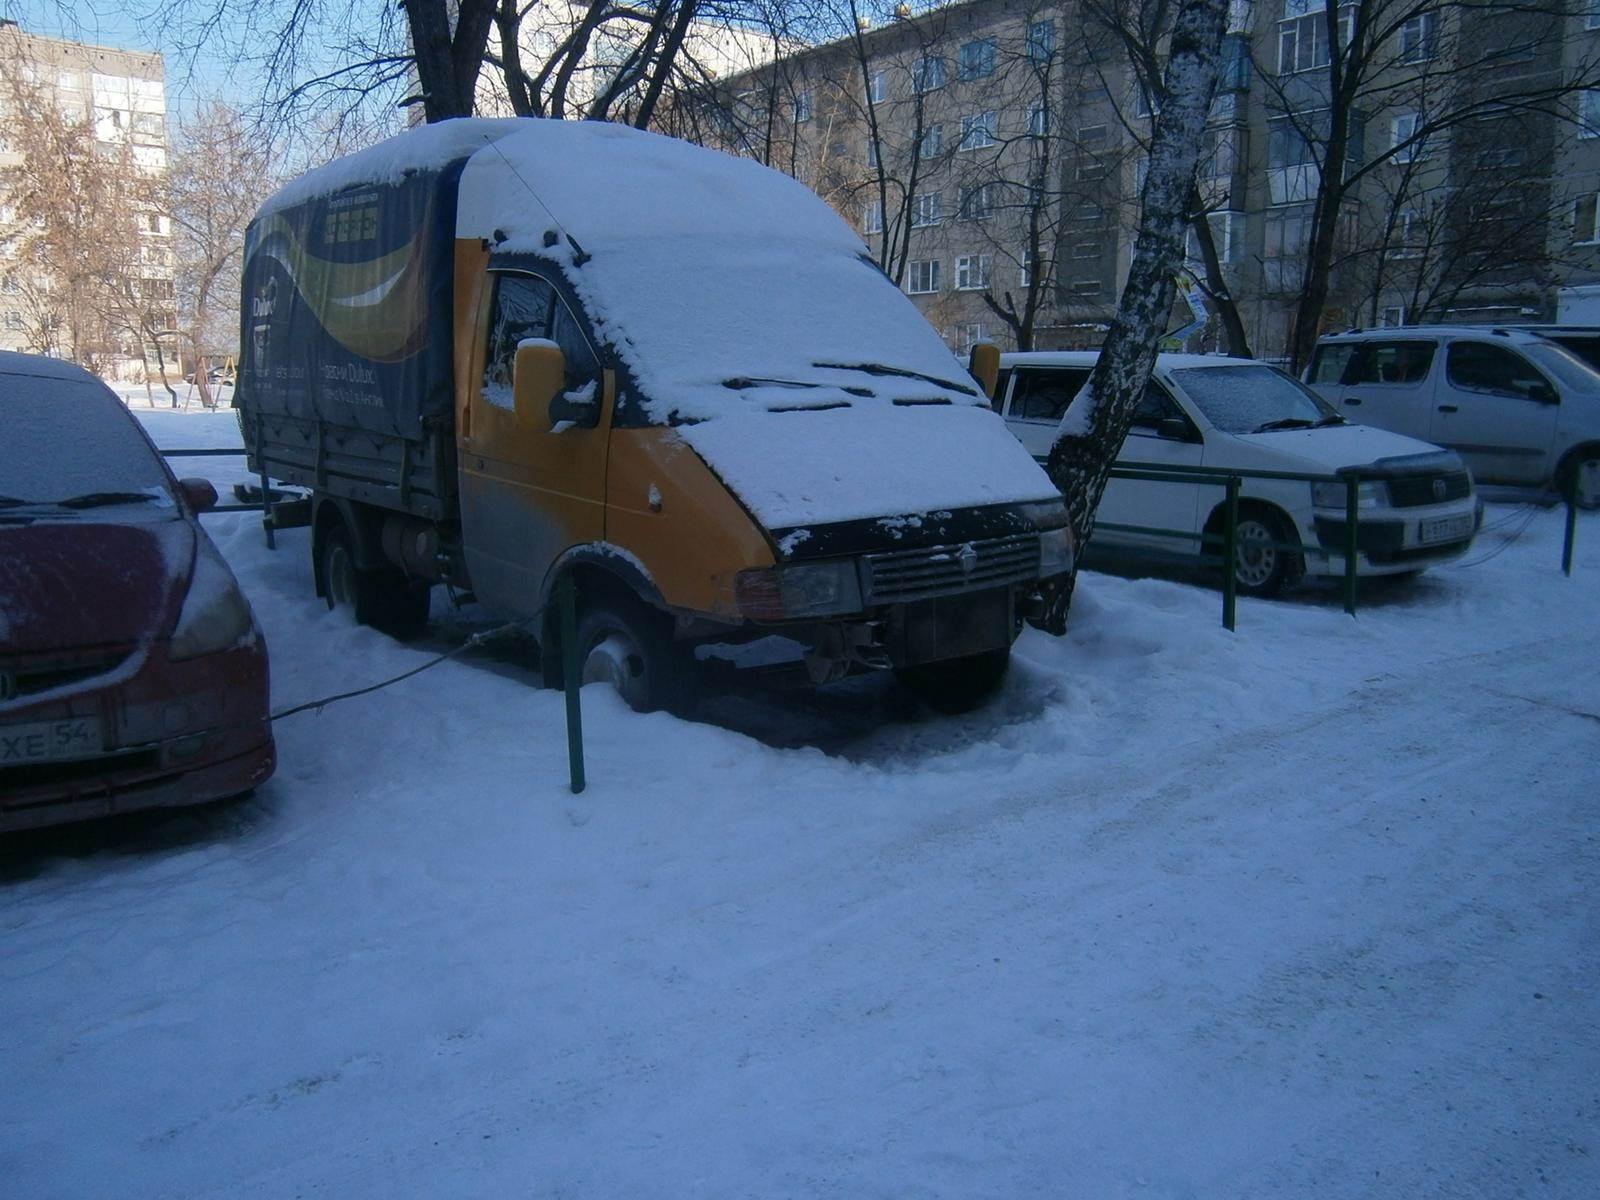 Иваново дело: Брошенные автомобили представляют реальную угрозу